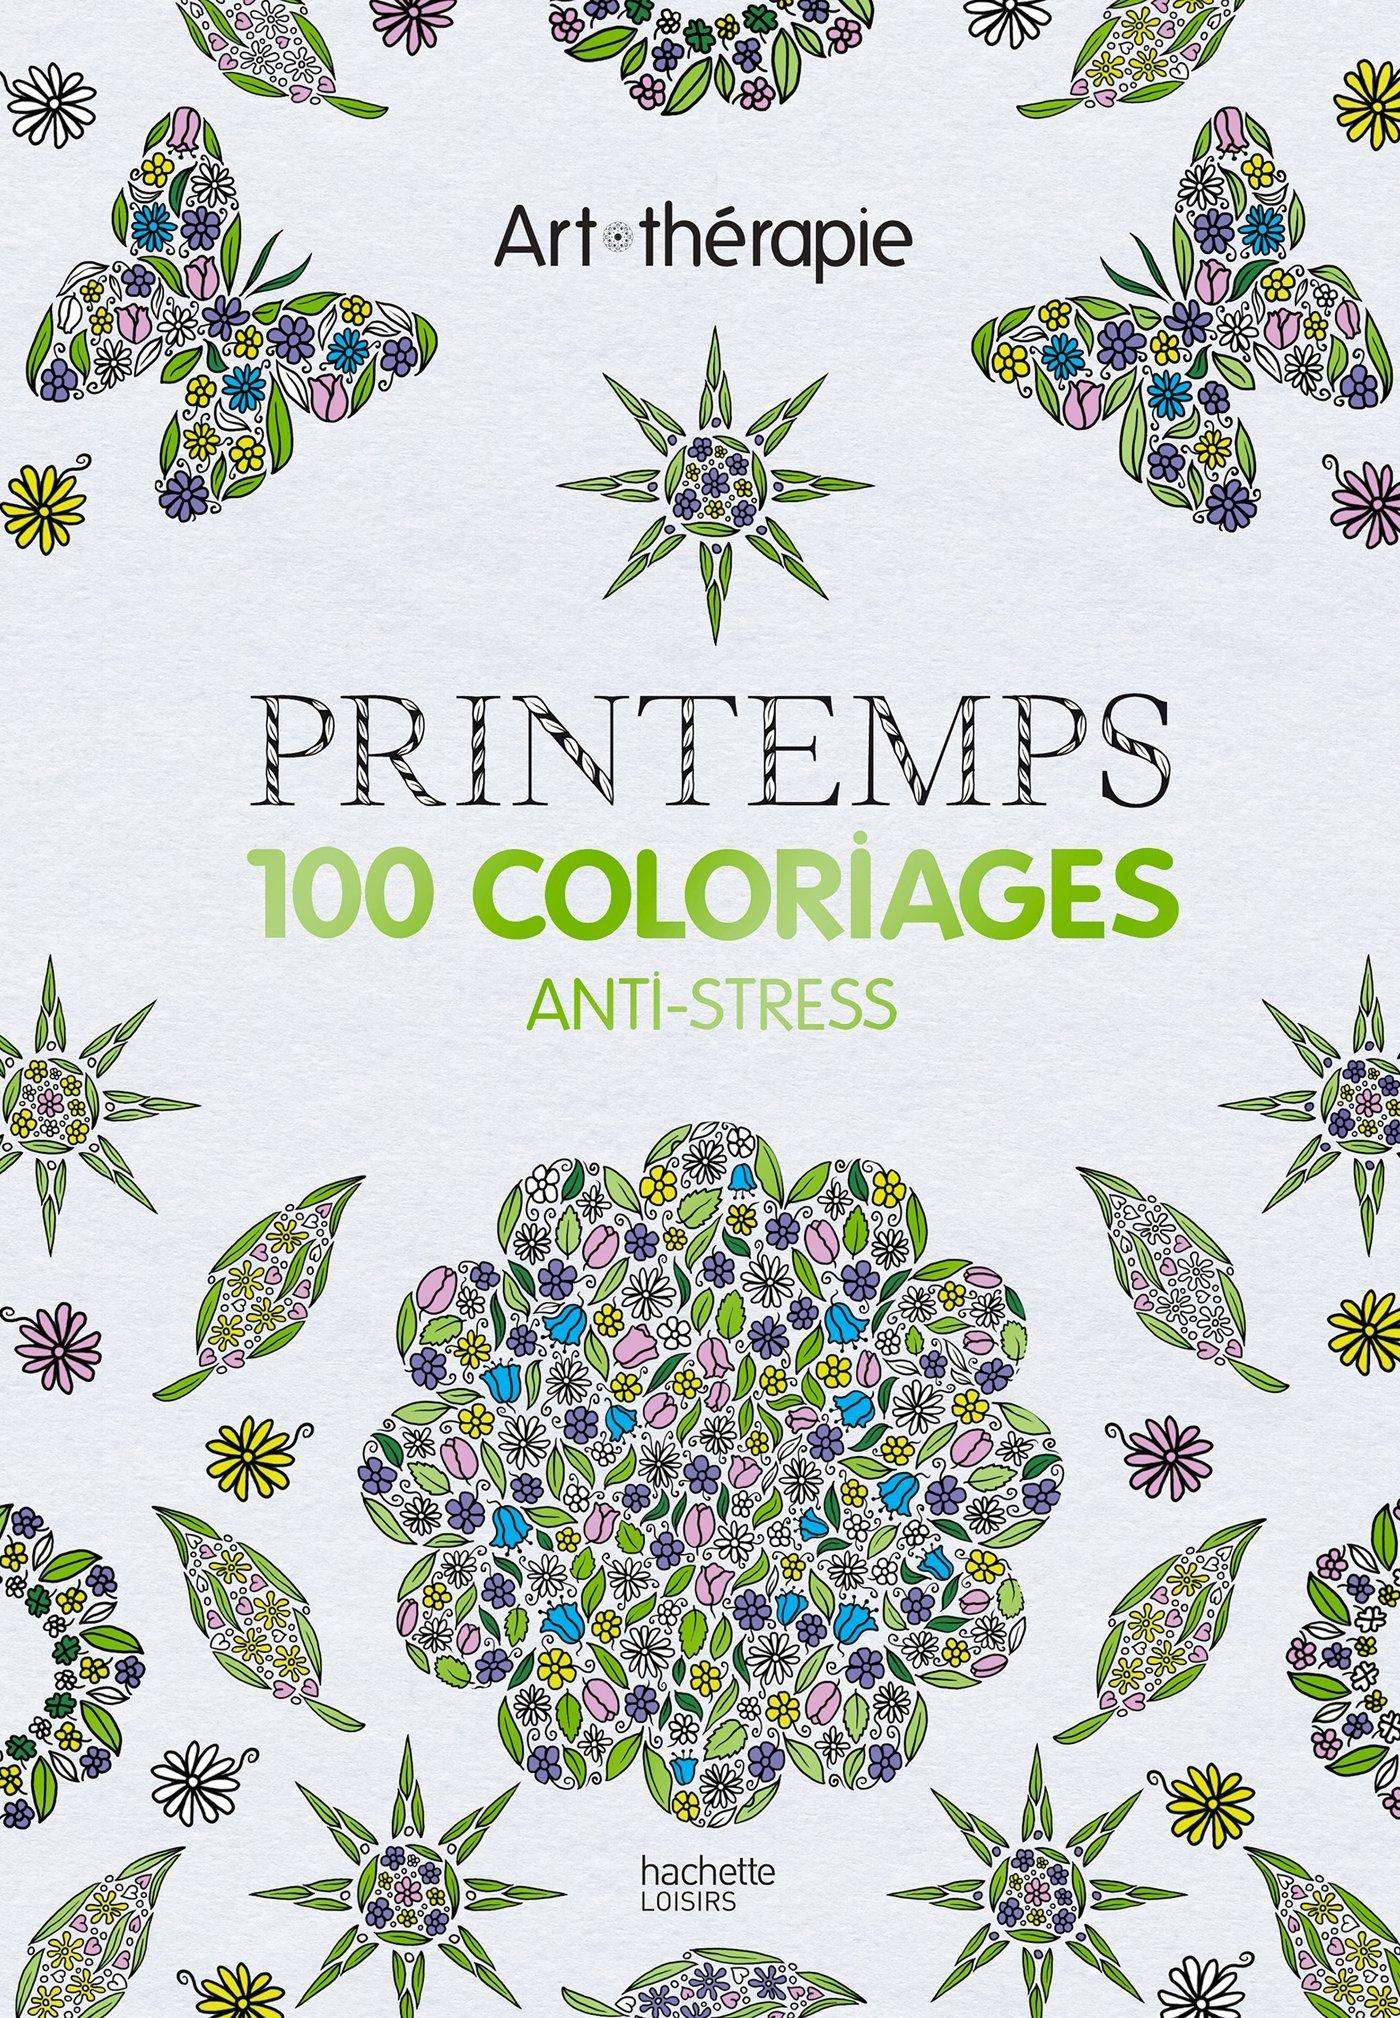 Printemps 100 Coloriages Anti Stress Amazon Fr Dellerie Florence Livres